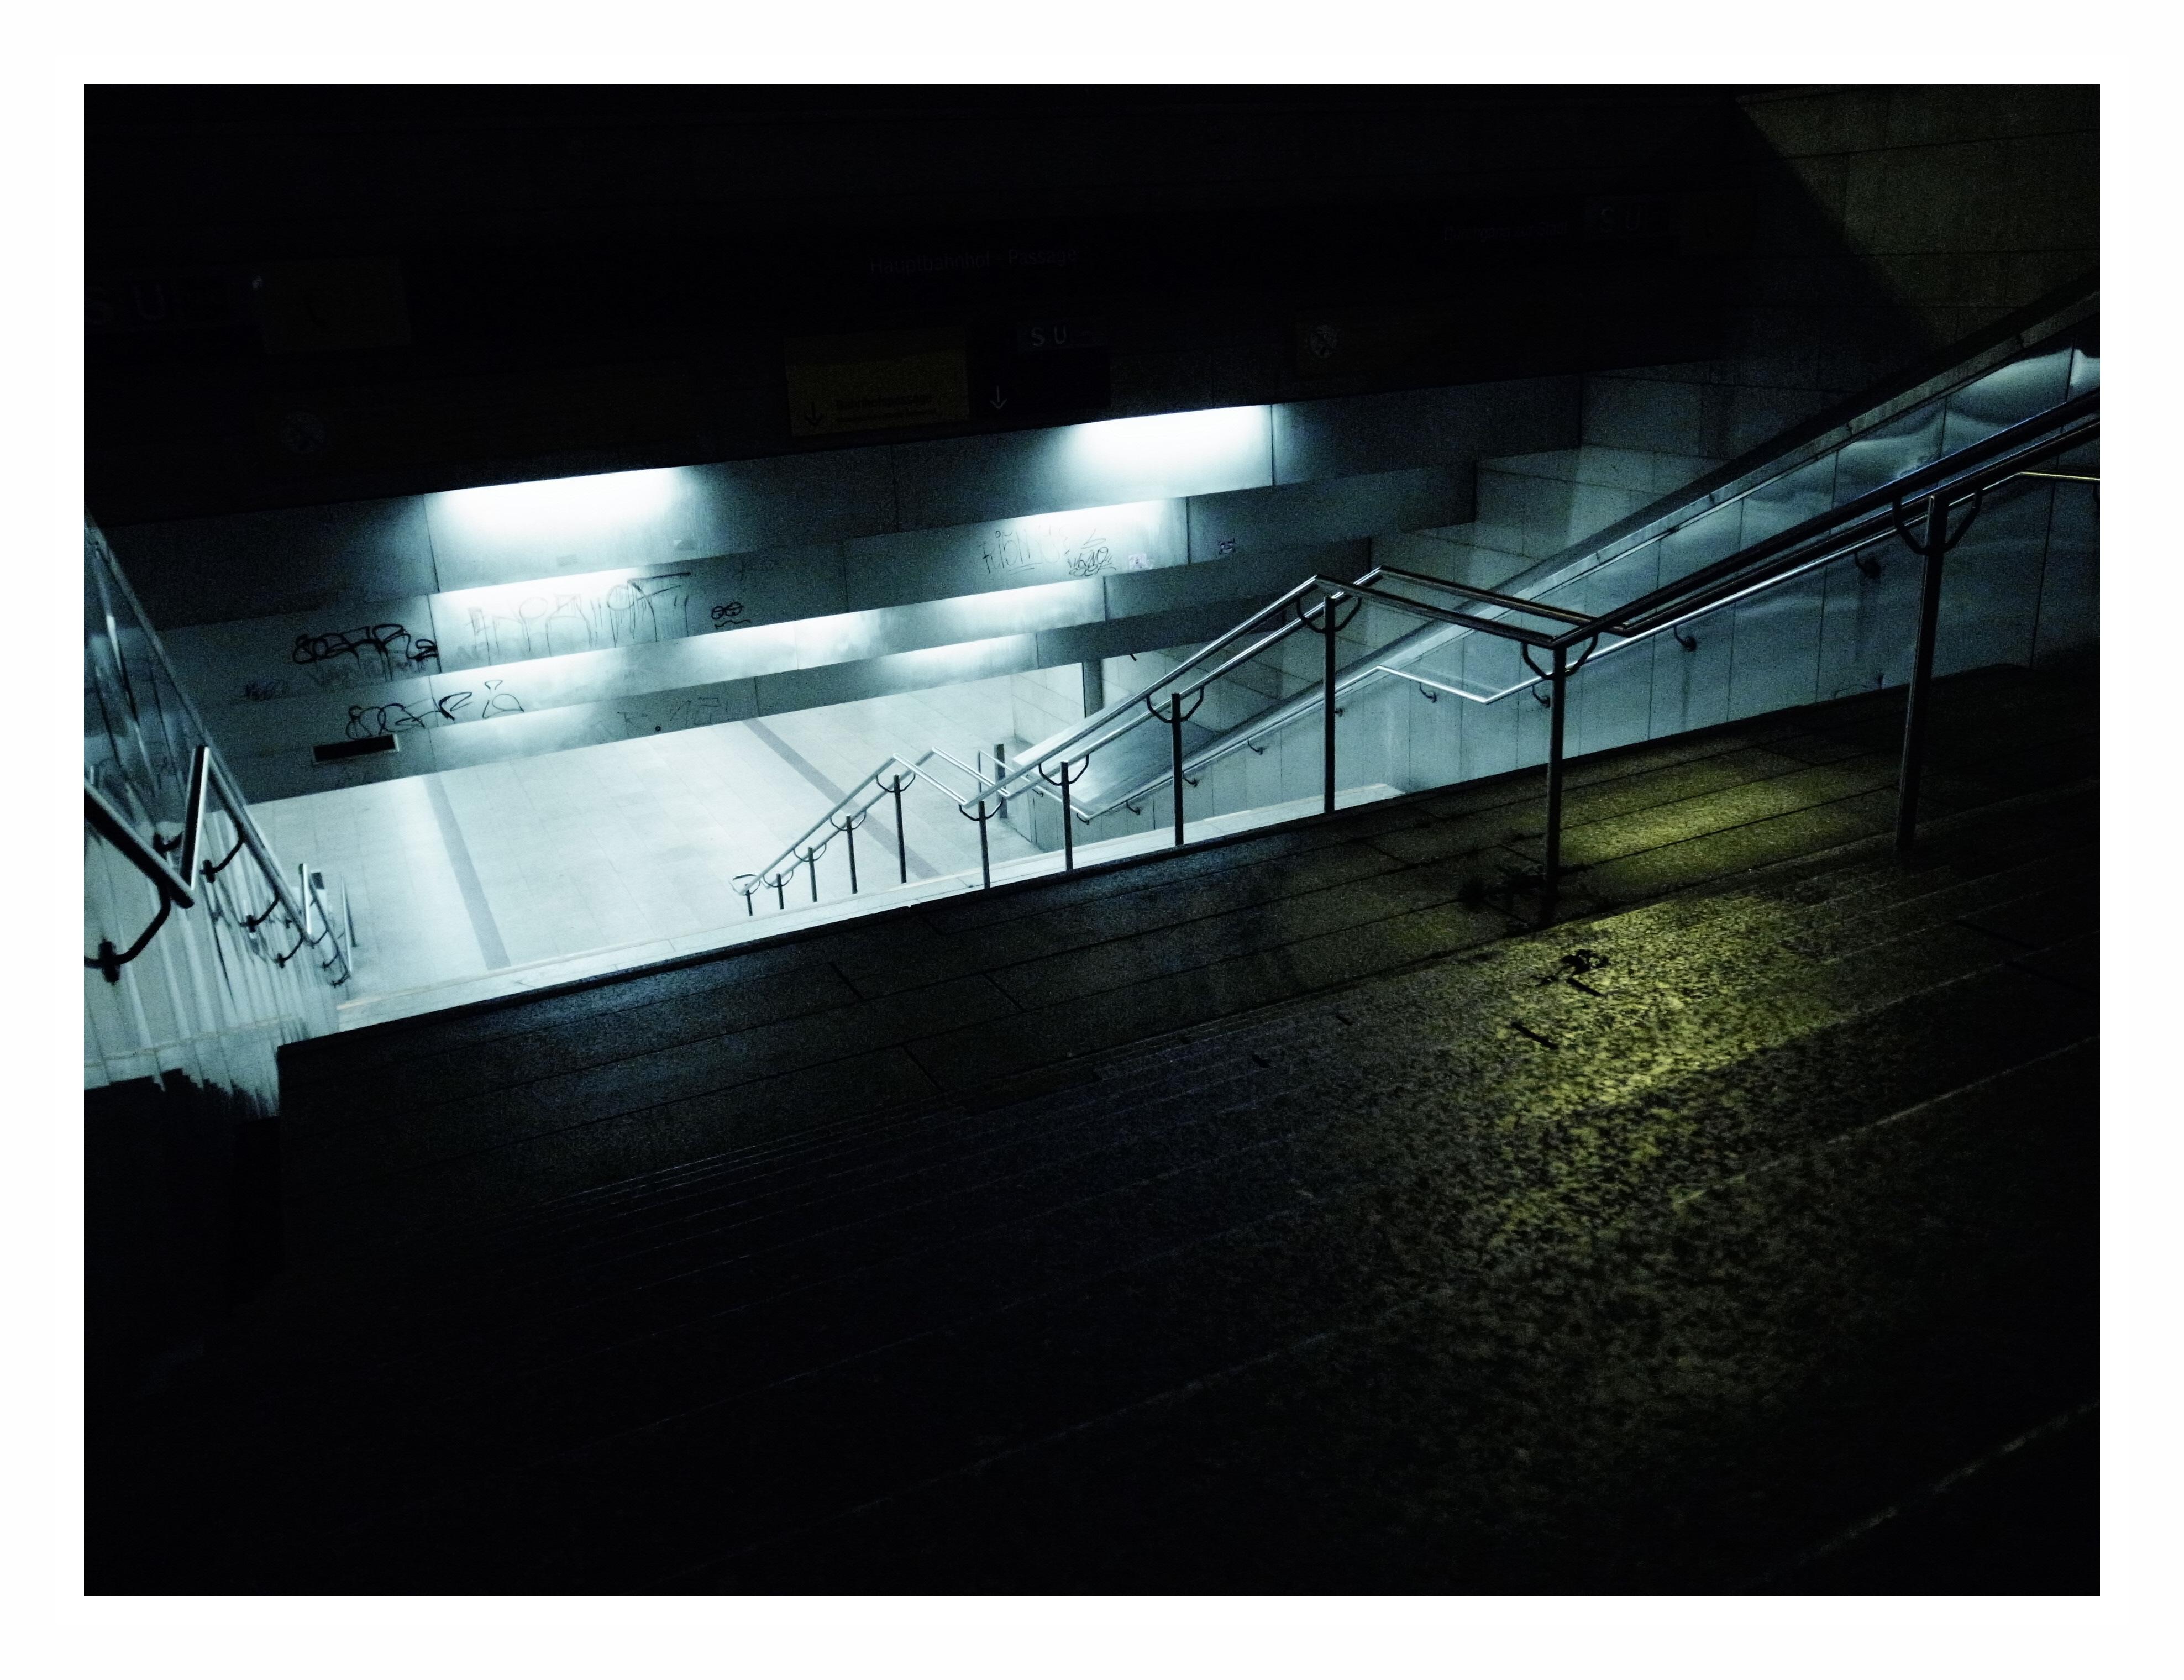 Sfondi : buio strada notte architettura riflessione bicchiere